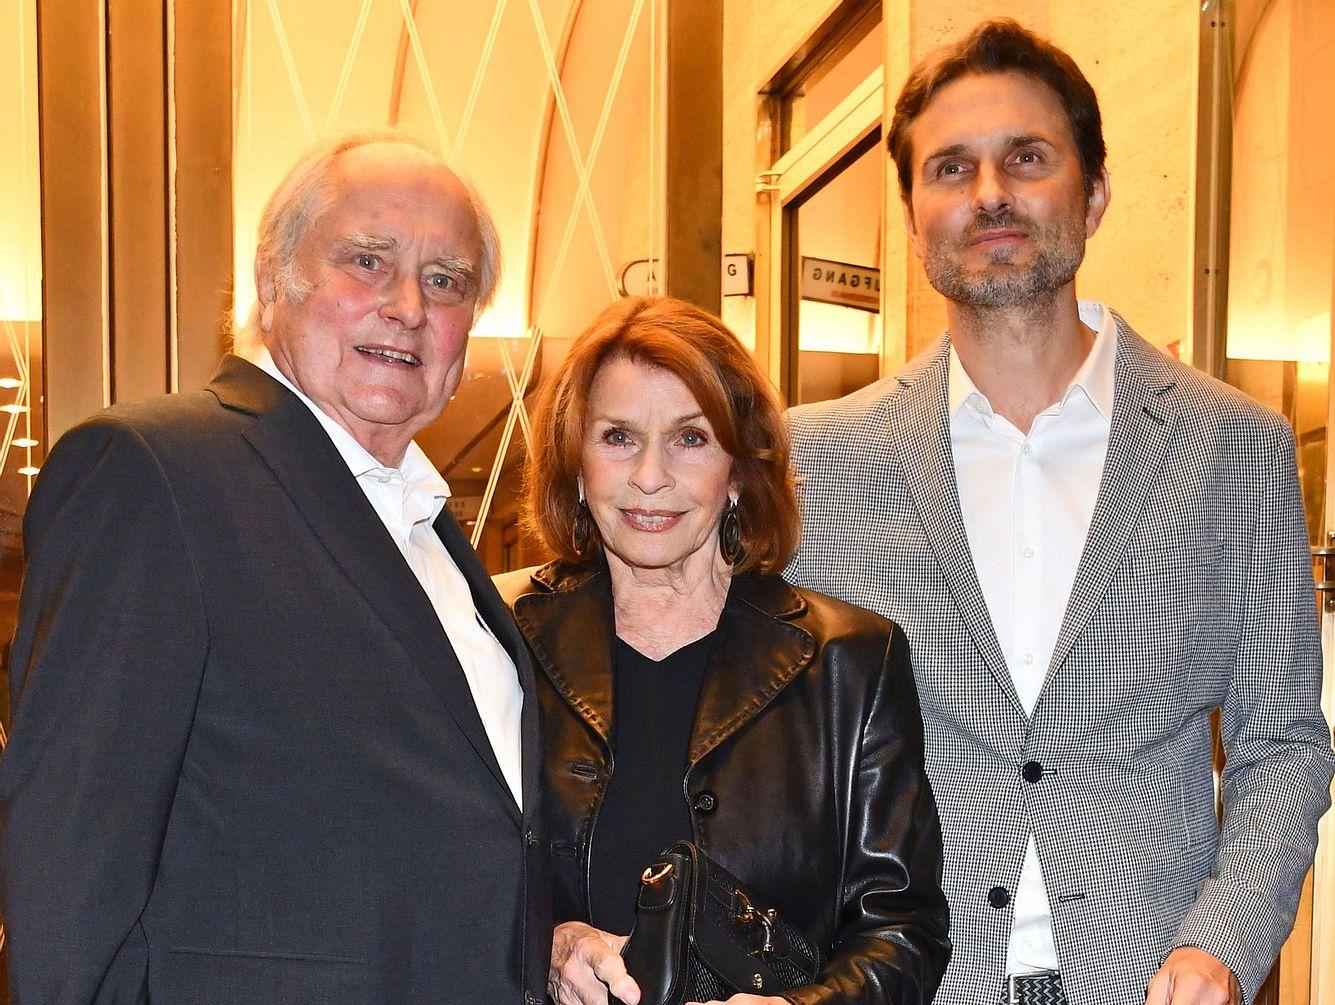 Senta Berger mit Mann Michael und Sohn Simon Verhoeven.